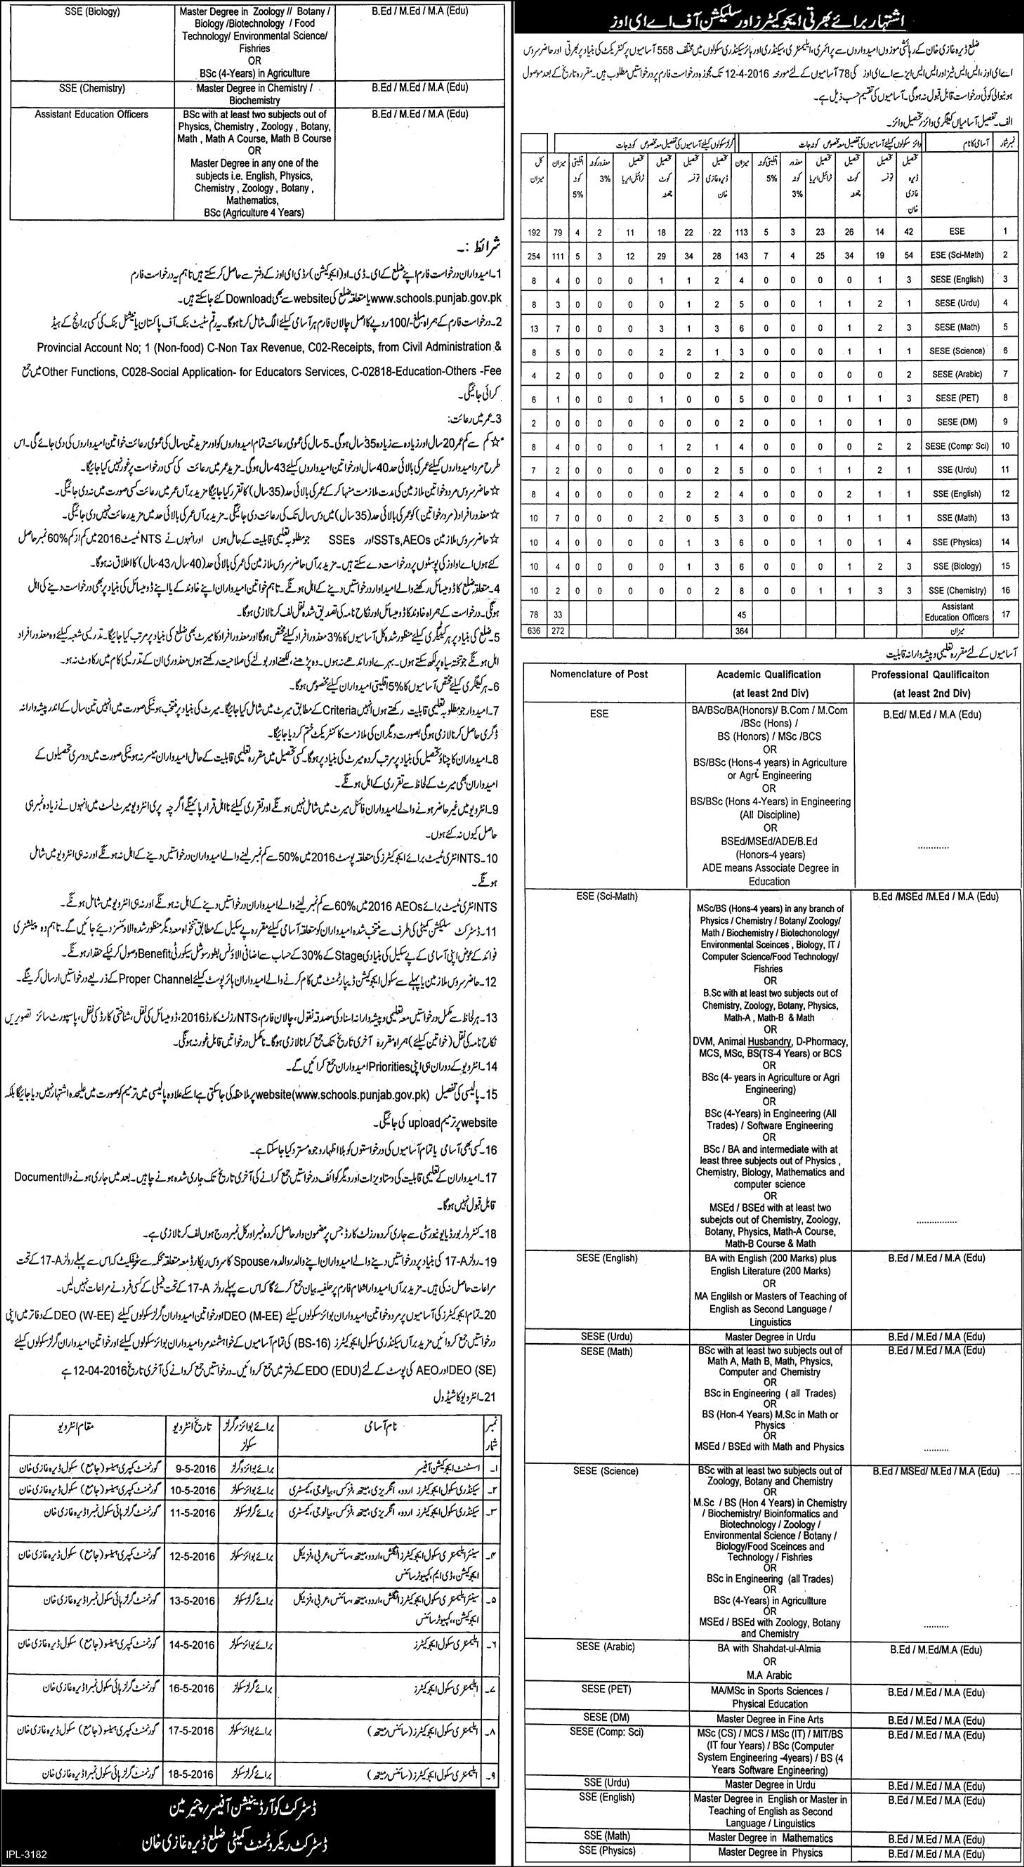 dera ghazi dg khan schools educators jobs application form date district dera ghazi dg khan schools educators jobs 2016 application form date